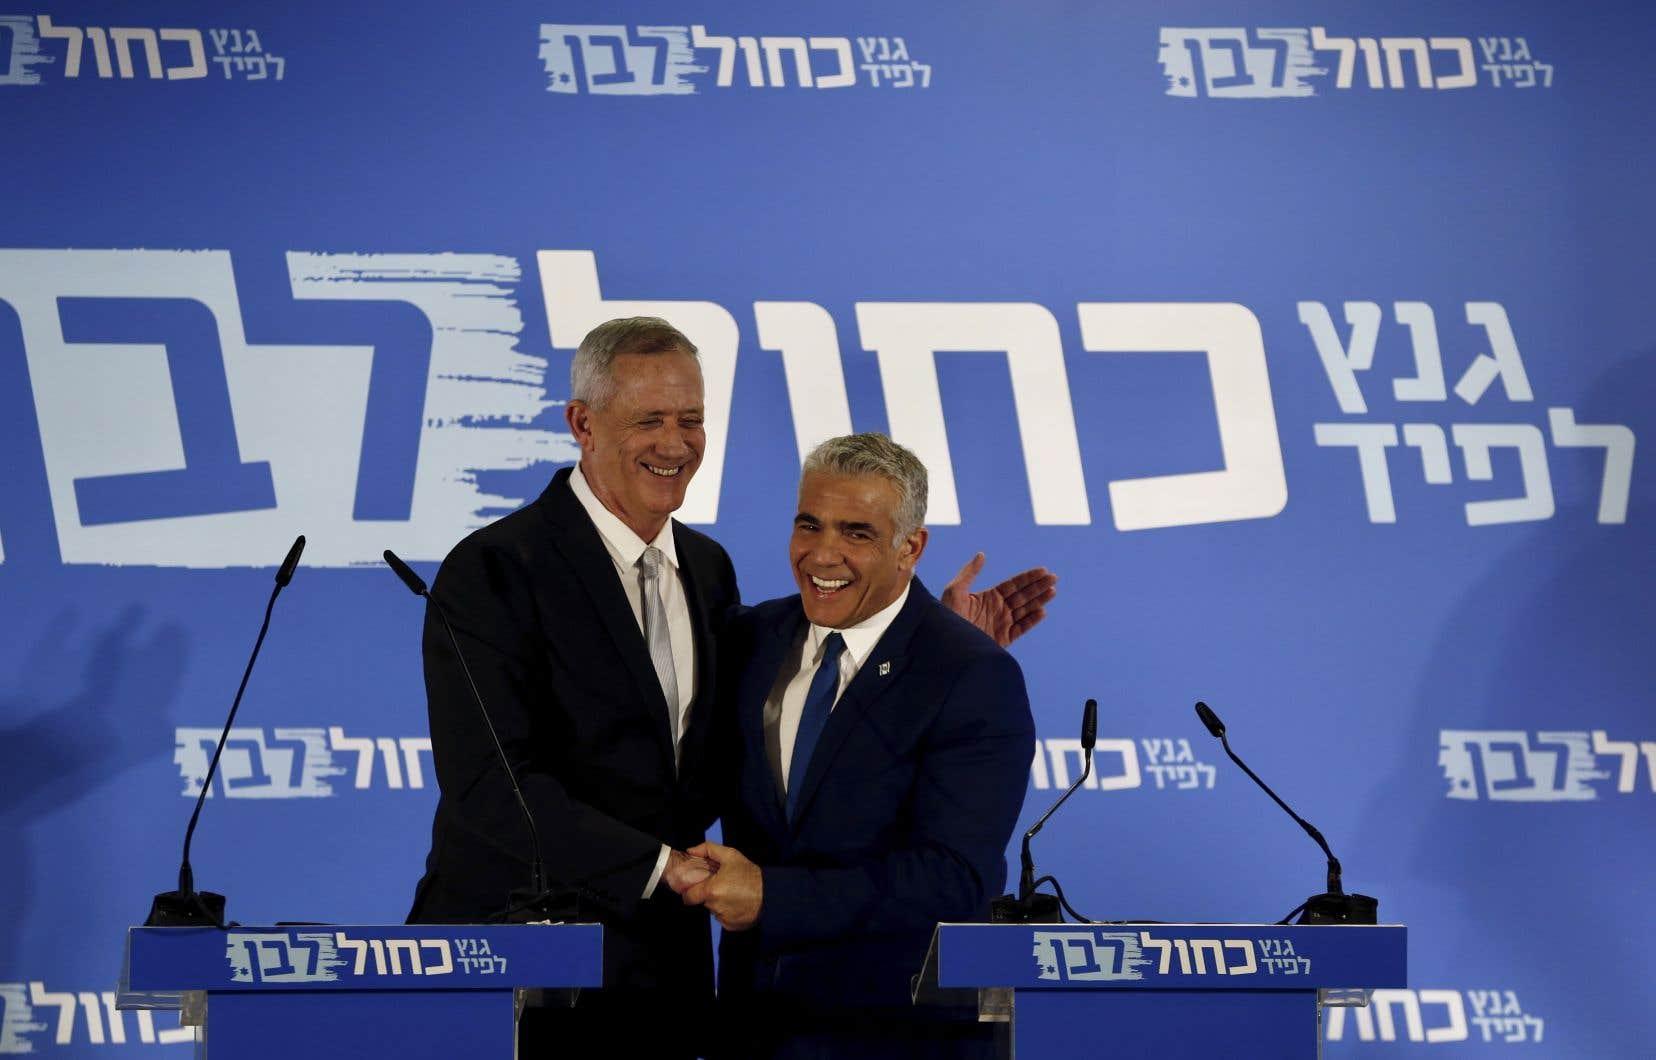 Les deux principaux rivaux de Benjamin Nétanyahou, Benny Gantz (à gauche) etYair Lapid(à droite) ont noué une alliance.